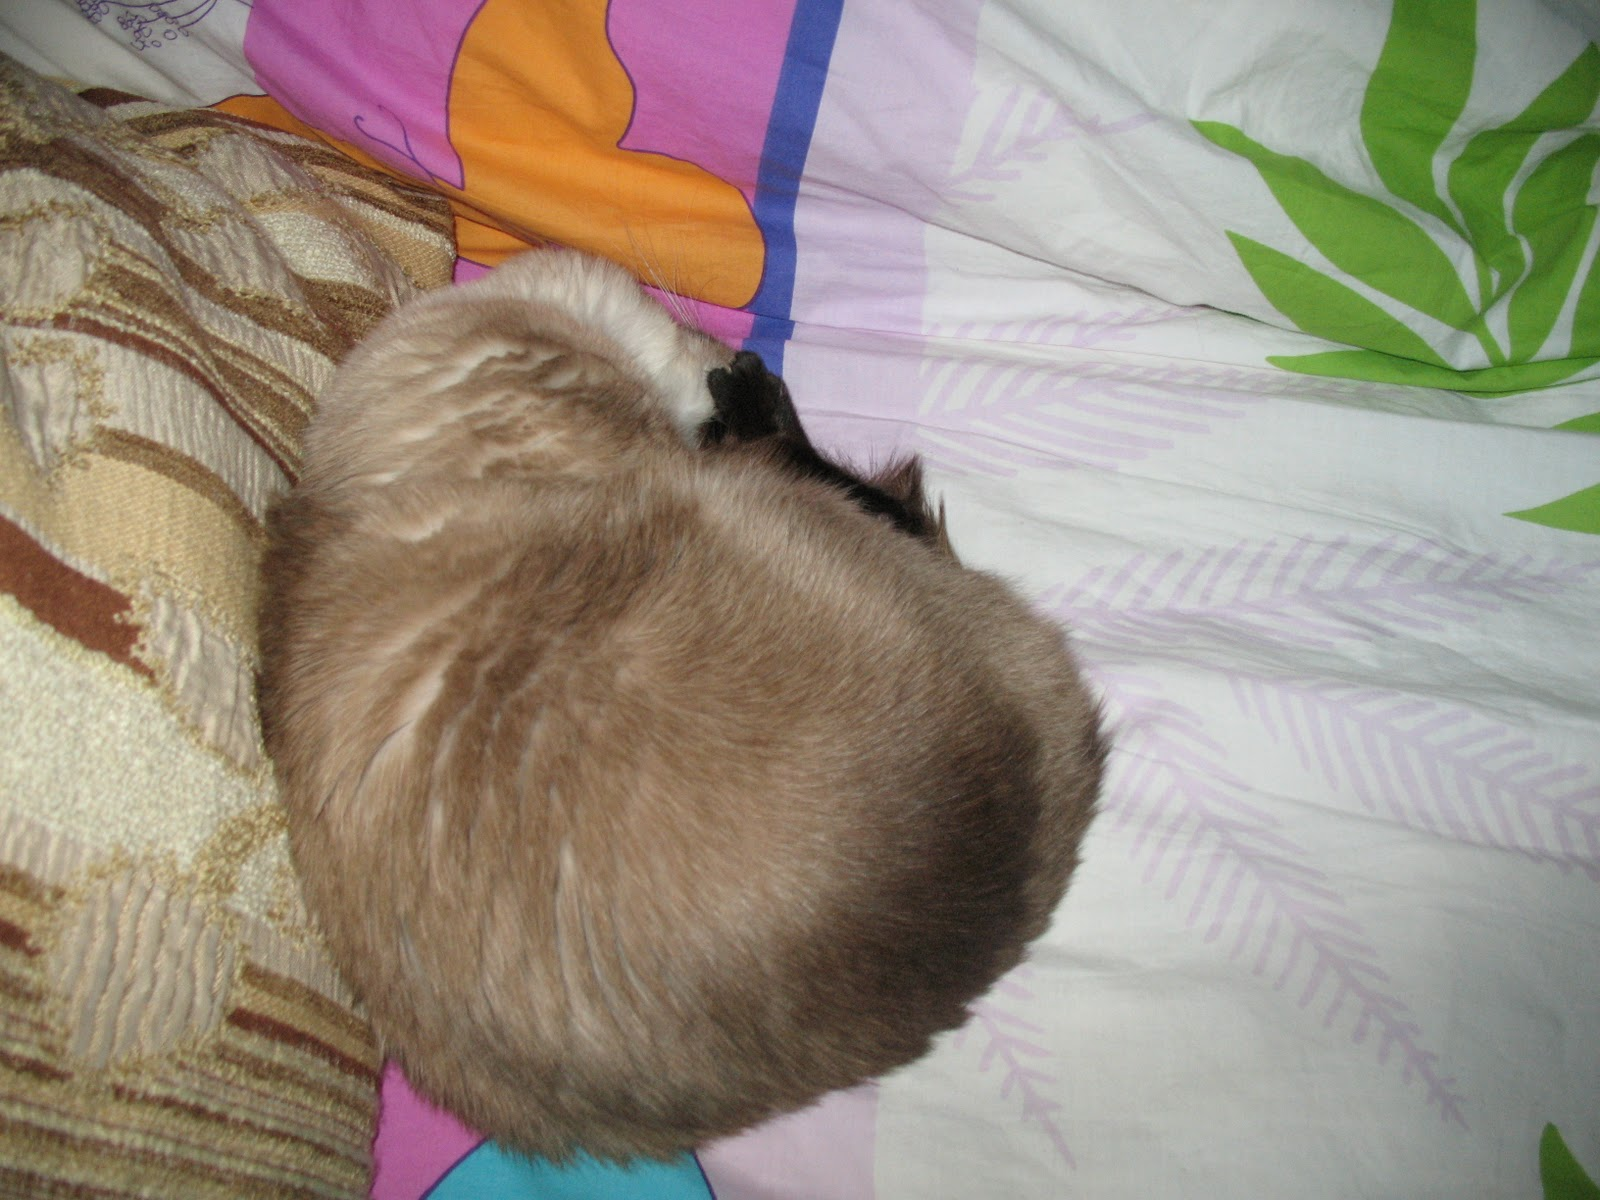 Связала спящей подруге руки и 1 фотография